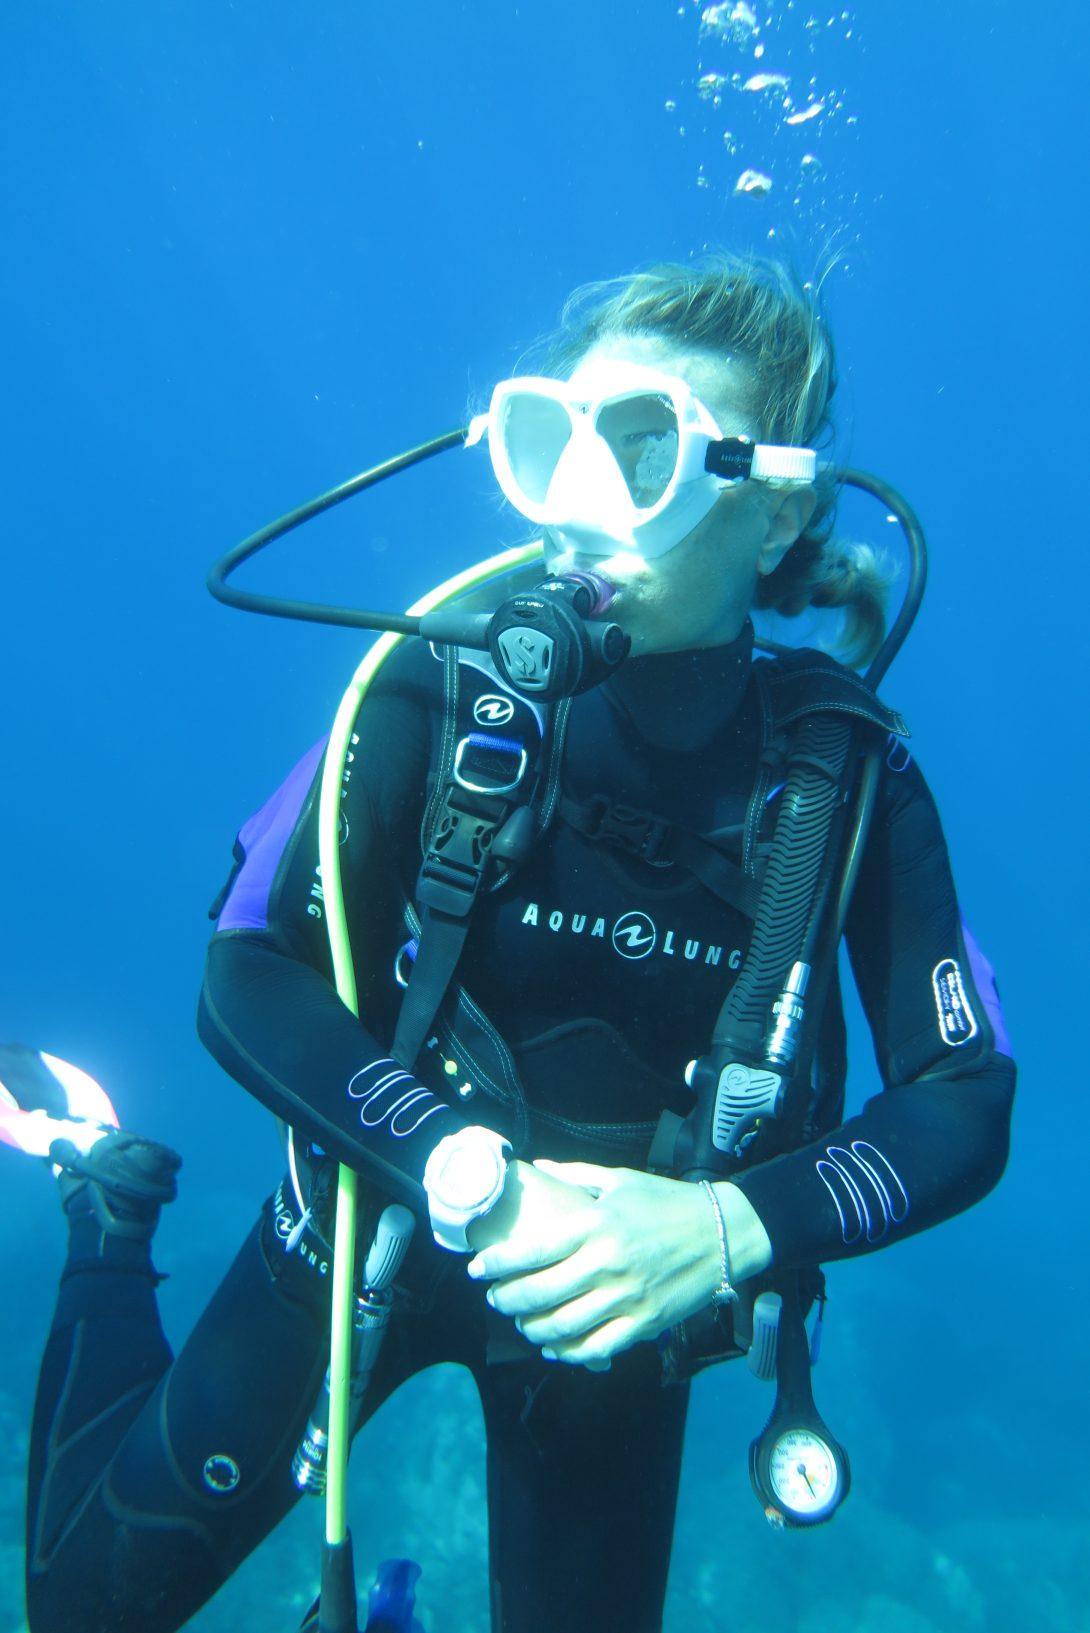 Galleggiando durante un'Immersione al Chia Laguna Diving Center,